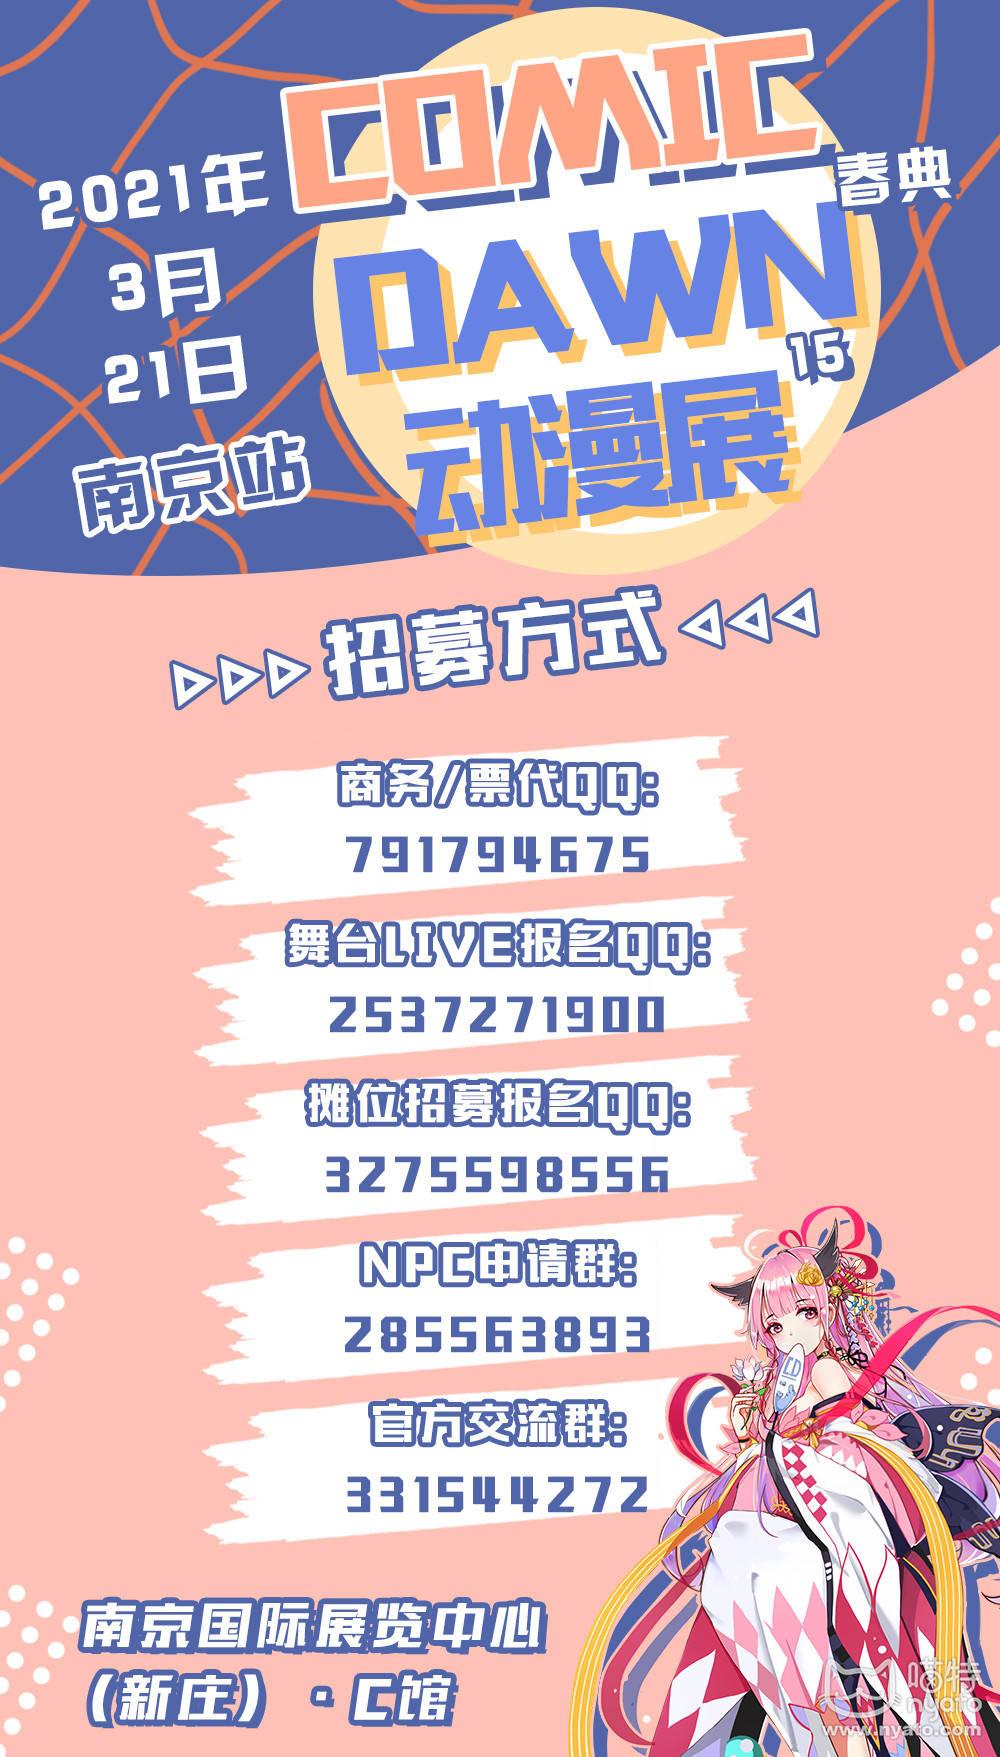 南京交流群.jpg